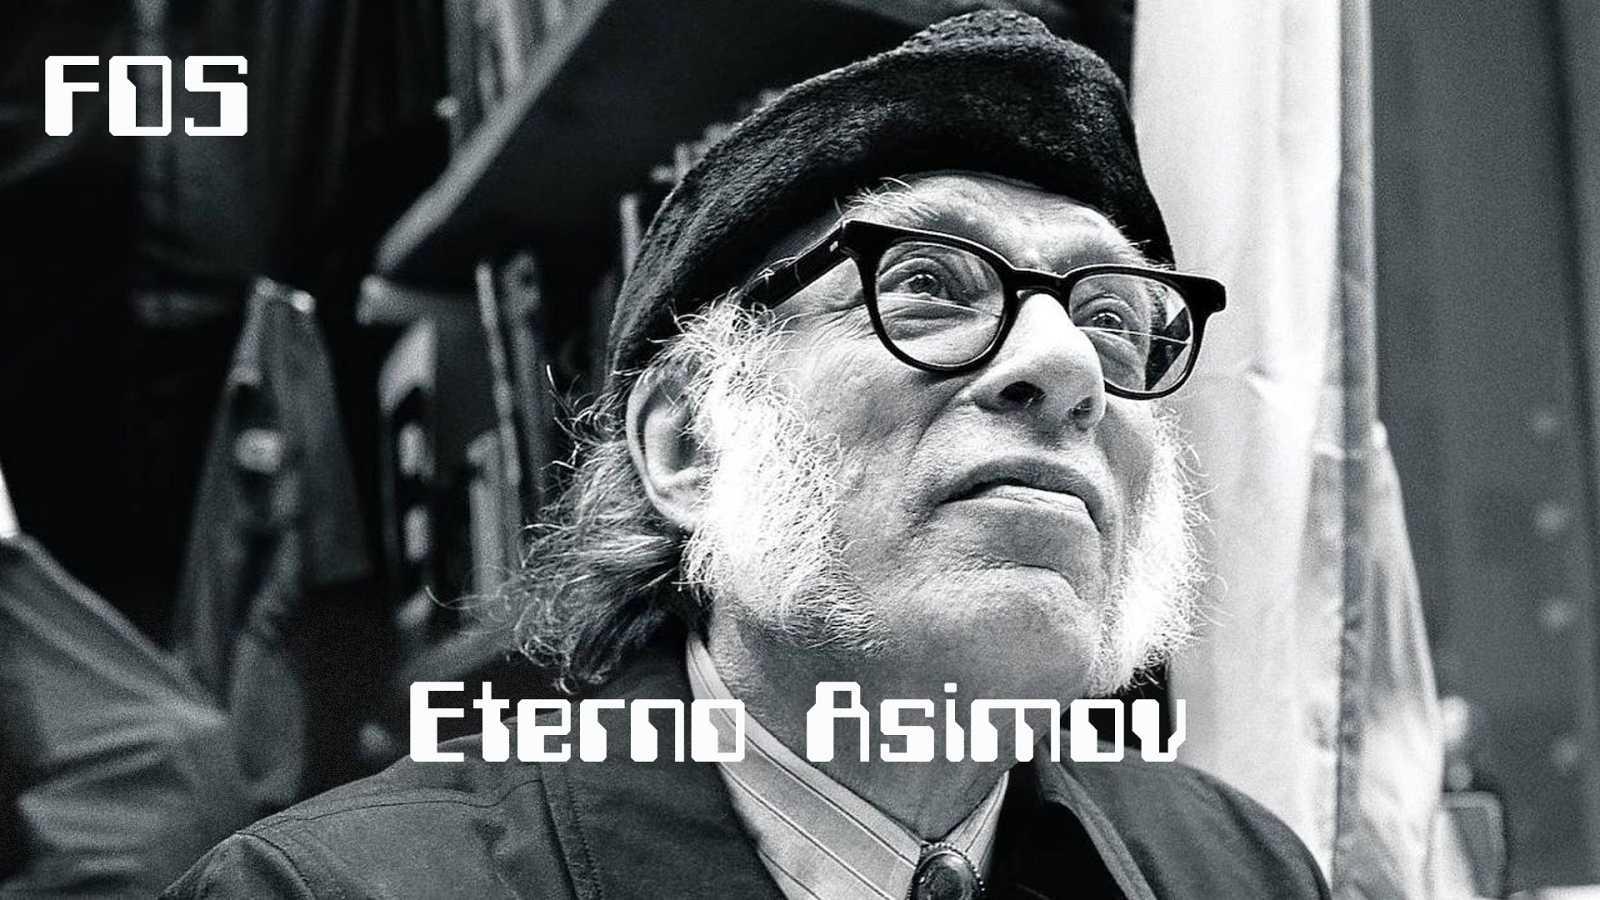 Fallo de sistema - 430: Eterno Asimov - 13/12/20 - escuchar ahora